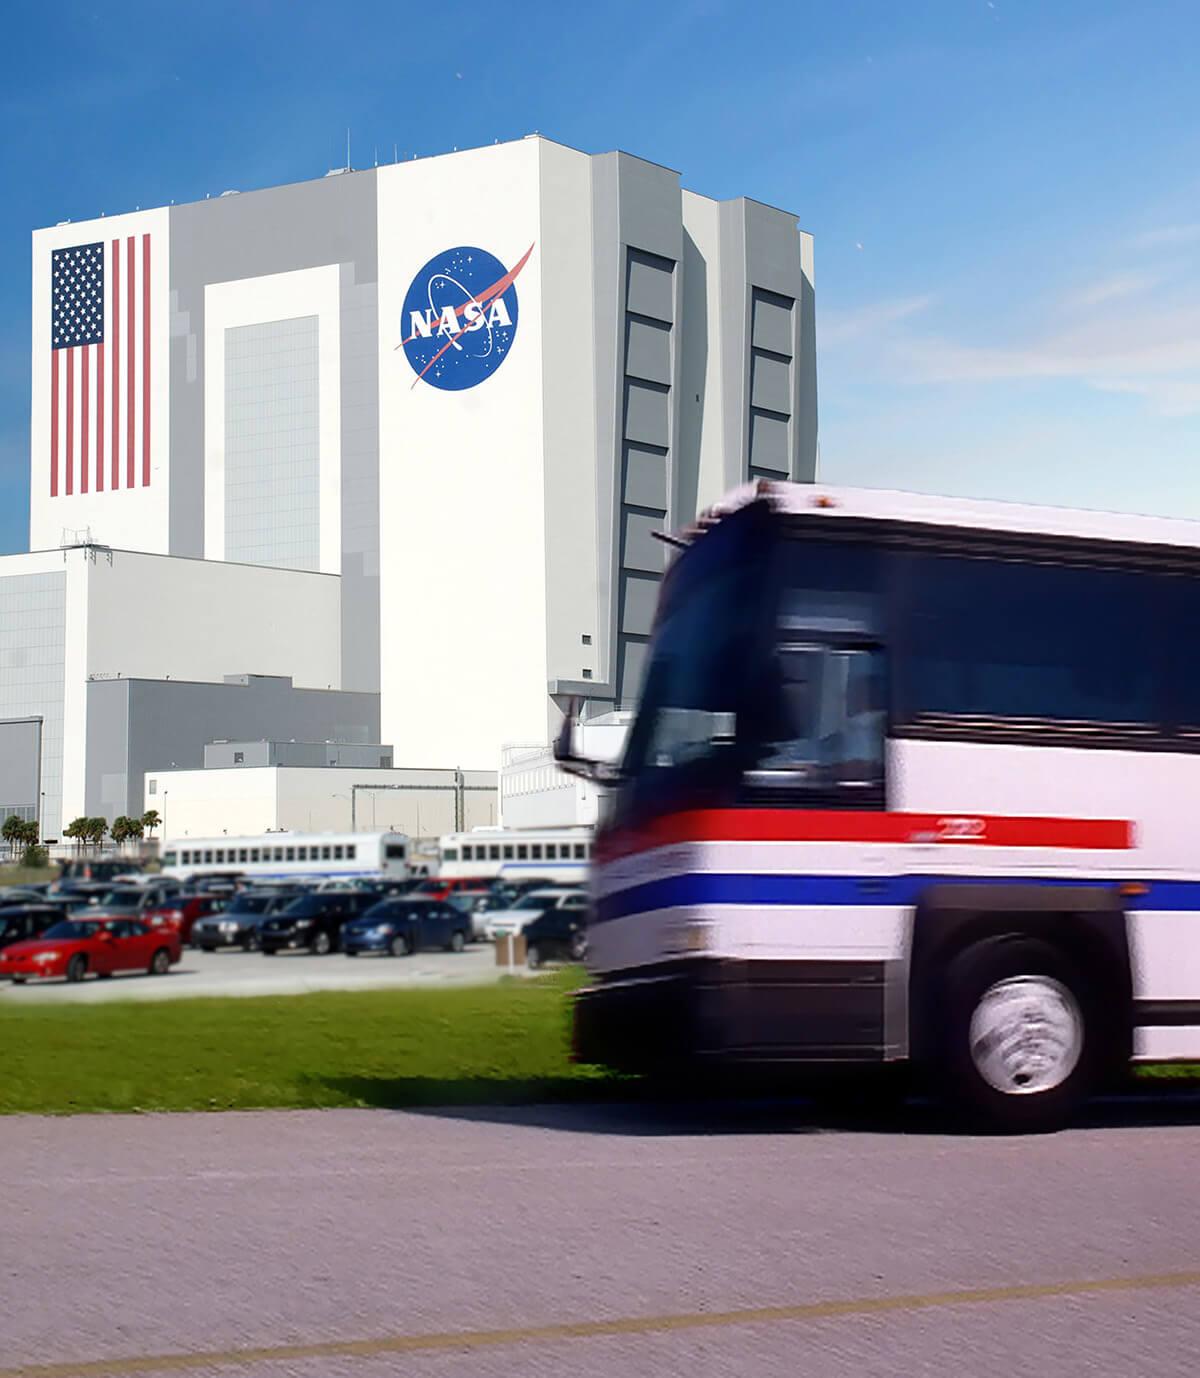 convient aux hommes/femmes collection de remise les plus récents Visit Kennedy Space Center Visitor Complex at Cape Canaveral